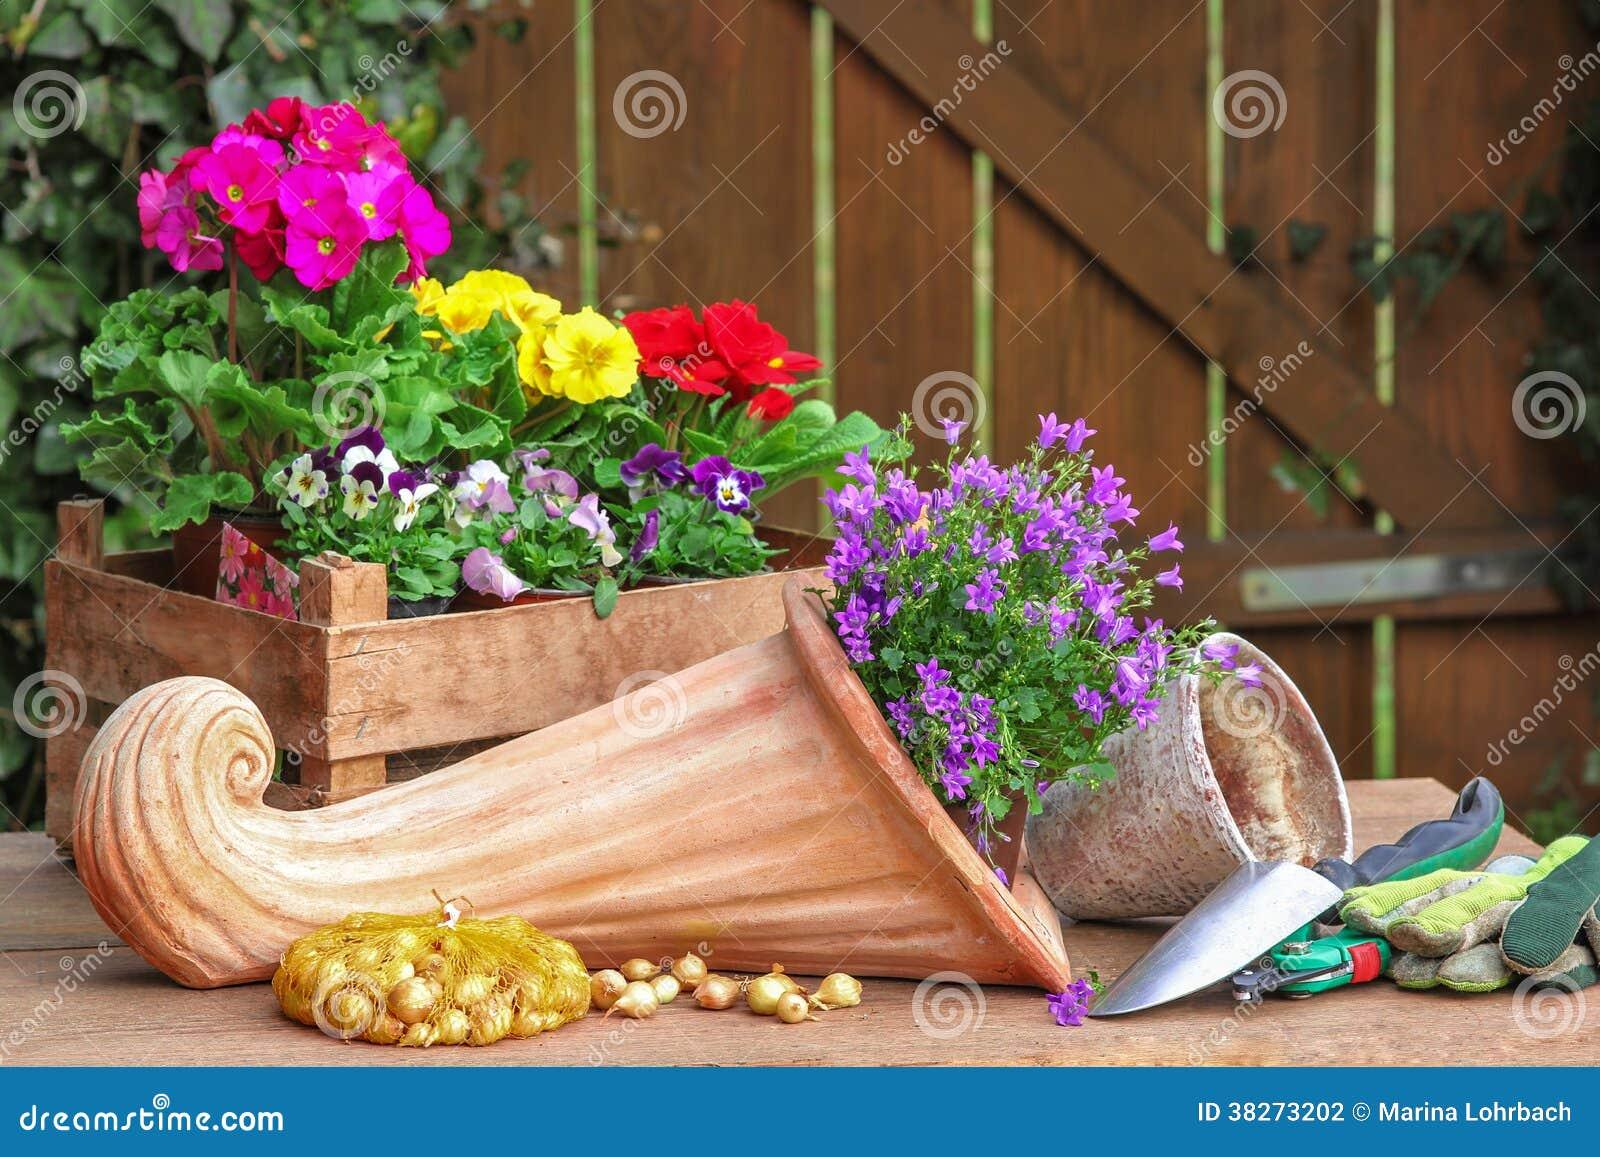 Fleurs planter corne d 39 abondance de terre cuite photographie stock image 38273202 - Fleur a planter ...